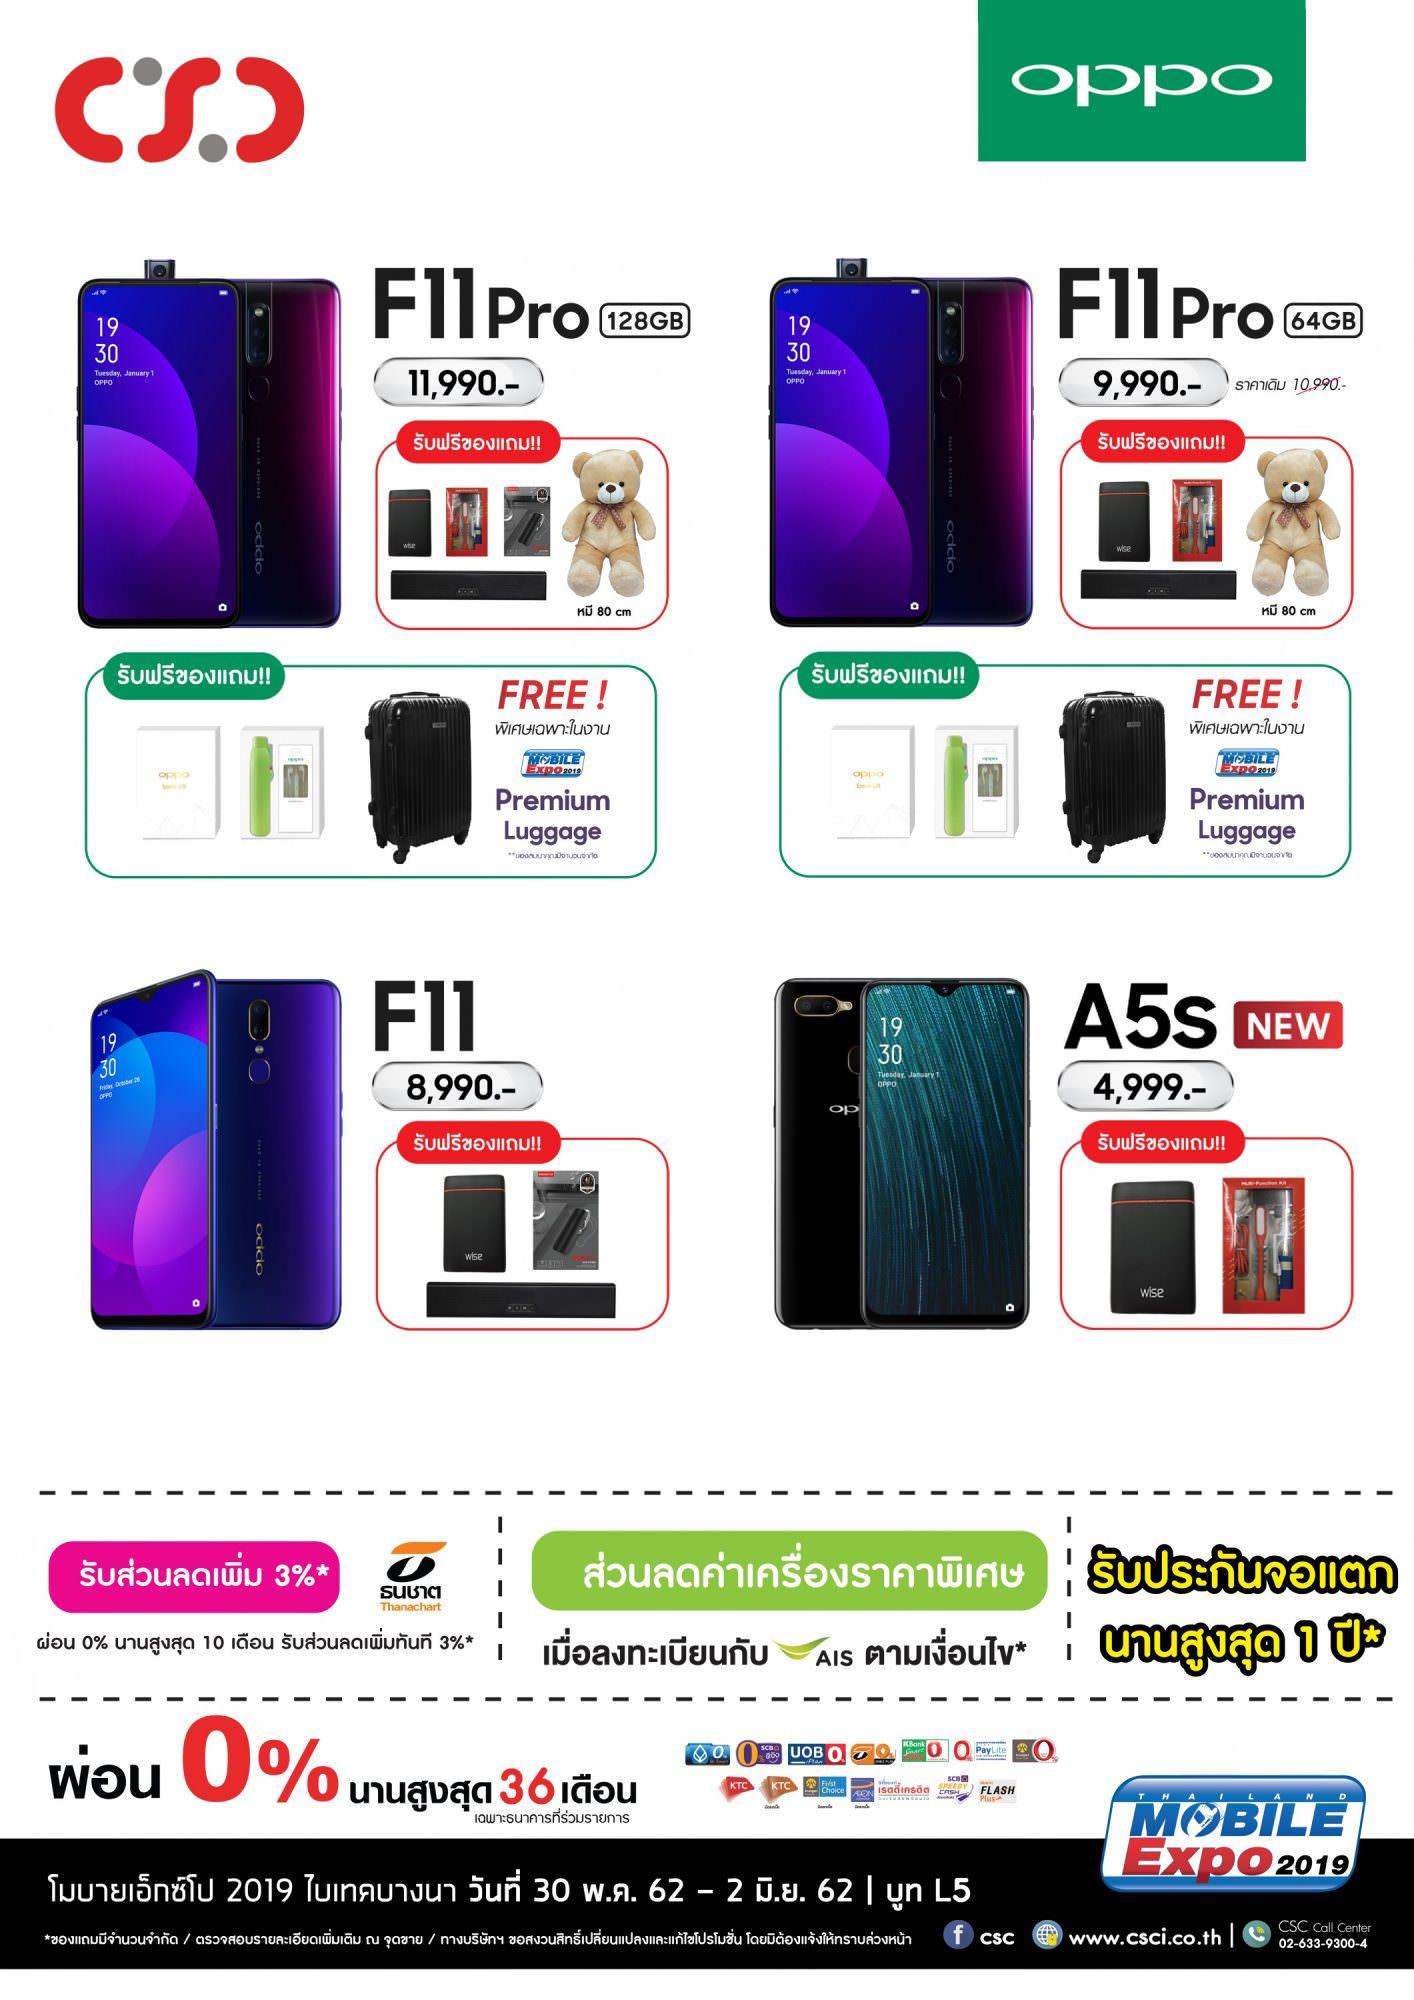 รวมโปรโมชั่น Thailand Mobile Expo 2019 วันที่ 30 พ.ค. - 2 มิ.ย. 2562 8